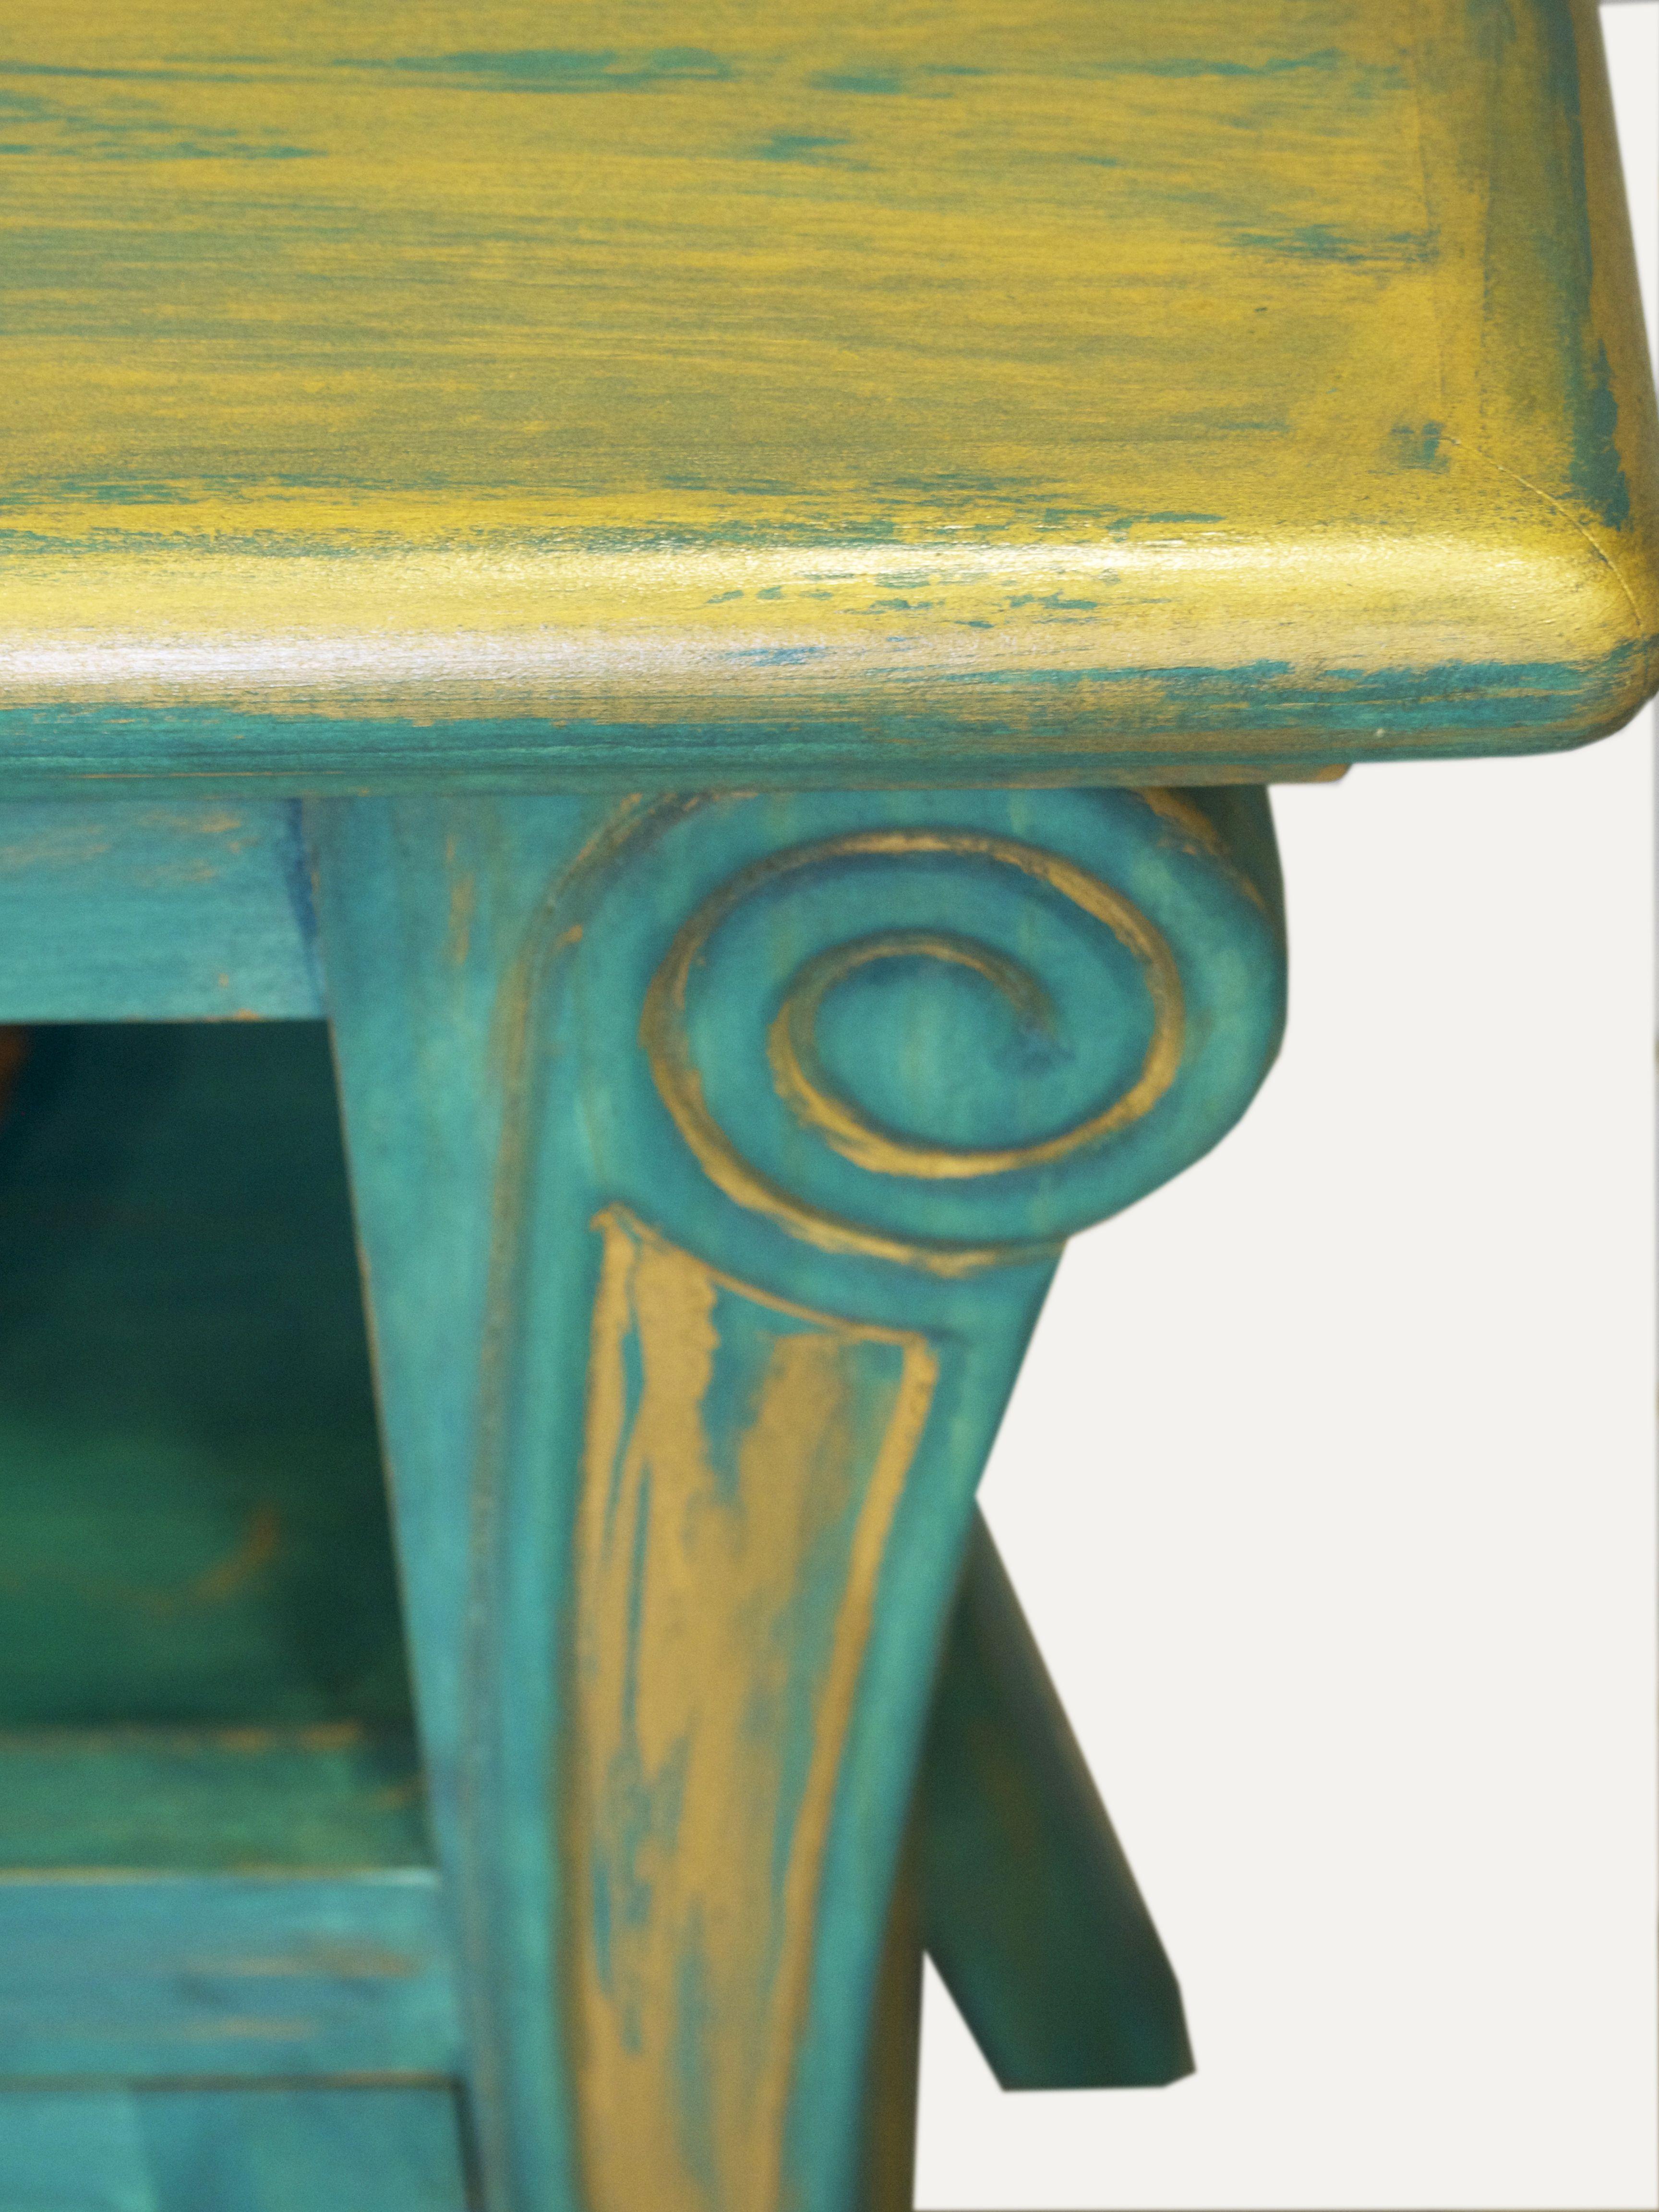 Detalle de mueble tv pintado a mano en verde azulado y - Muebles antiguos pintados ...